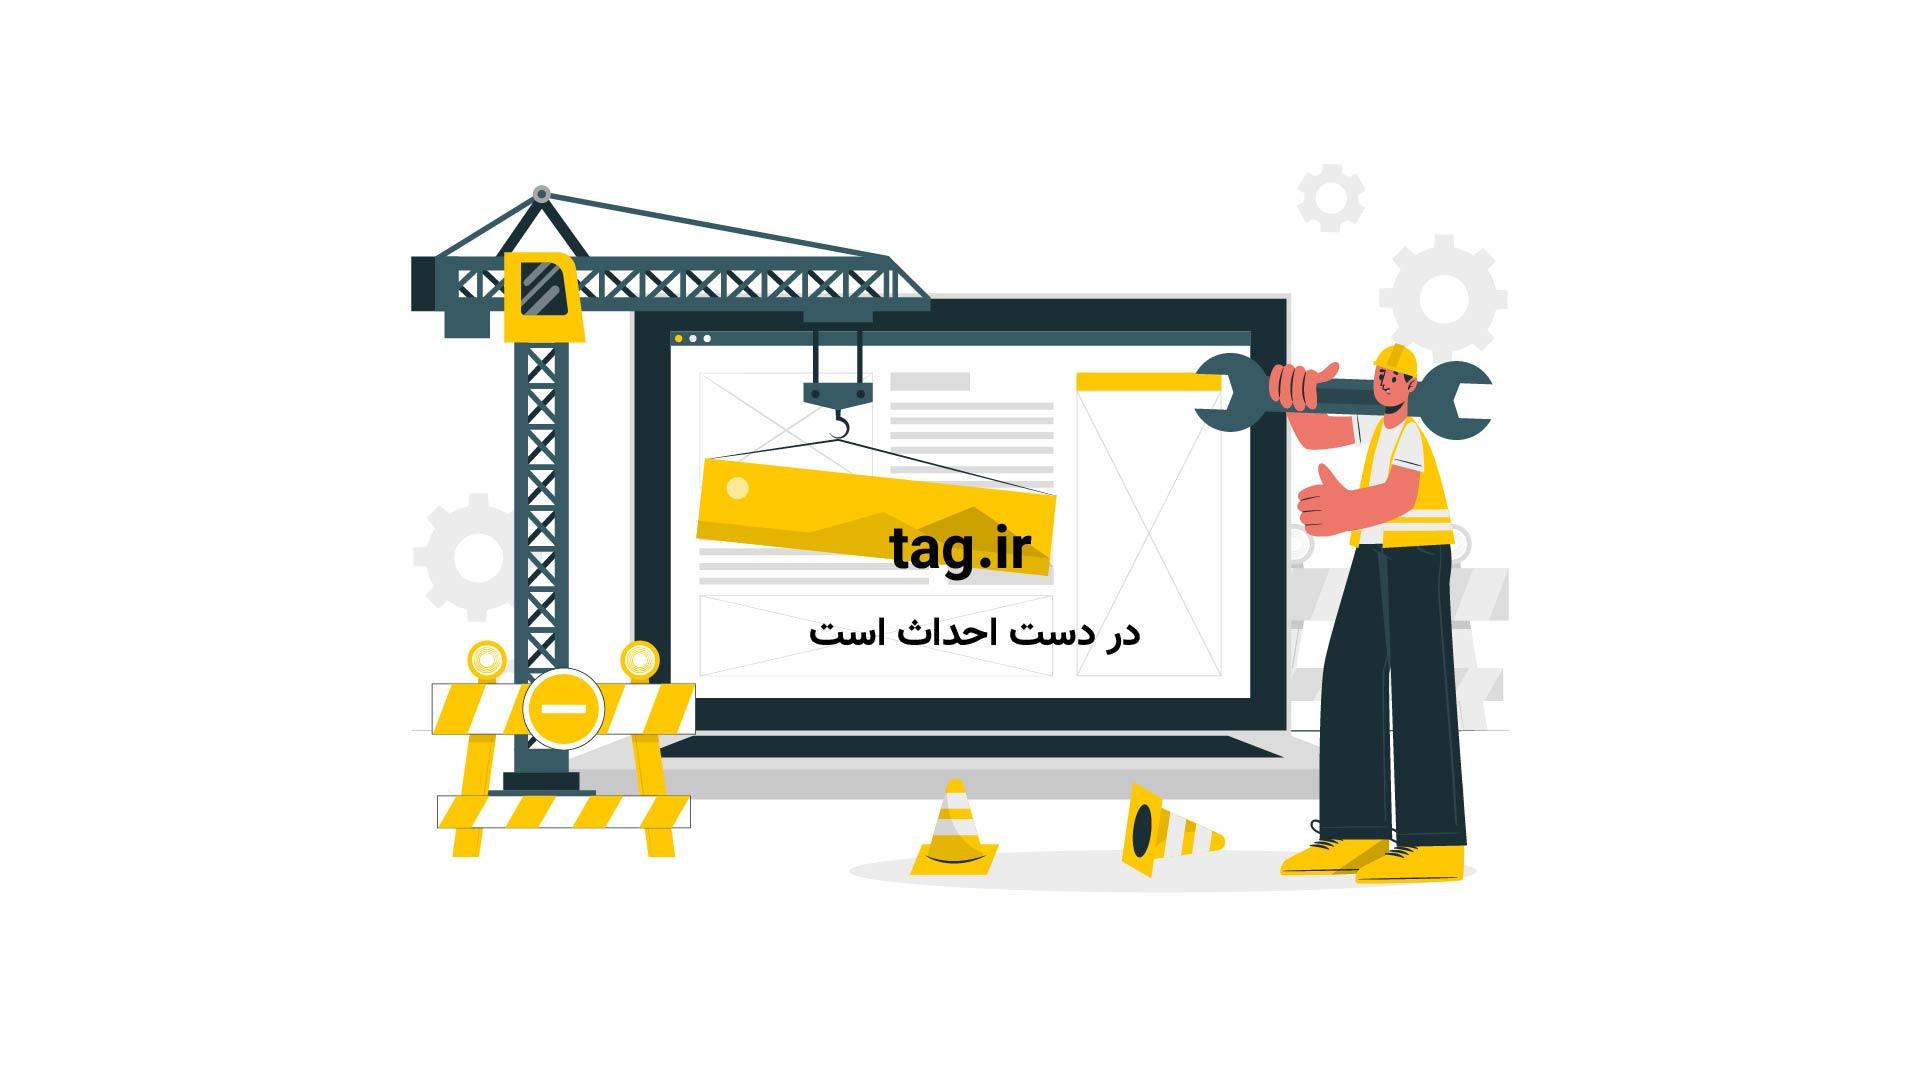 عناوین روزنامههای ورزشی چهارشنبه 17 آذر | فیلم